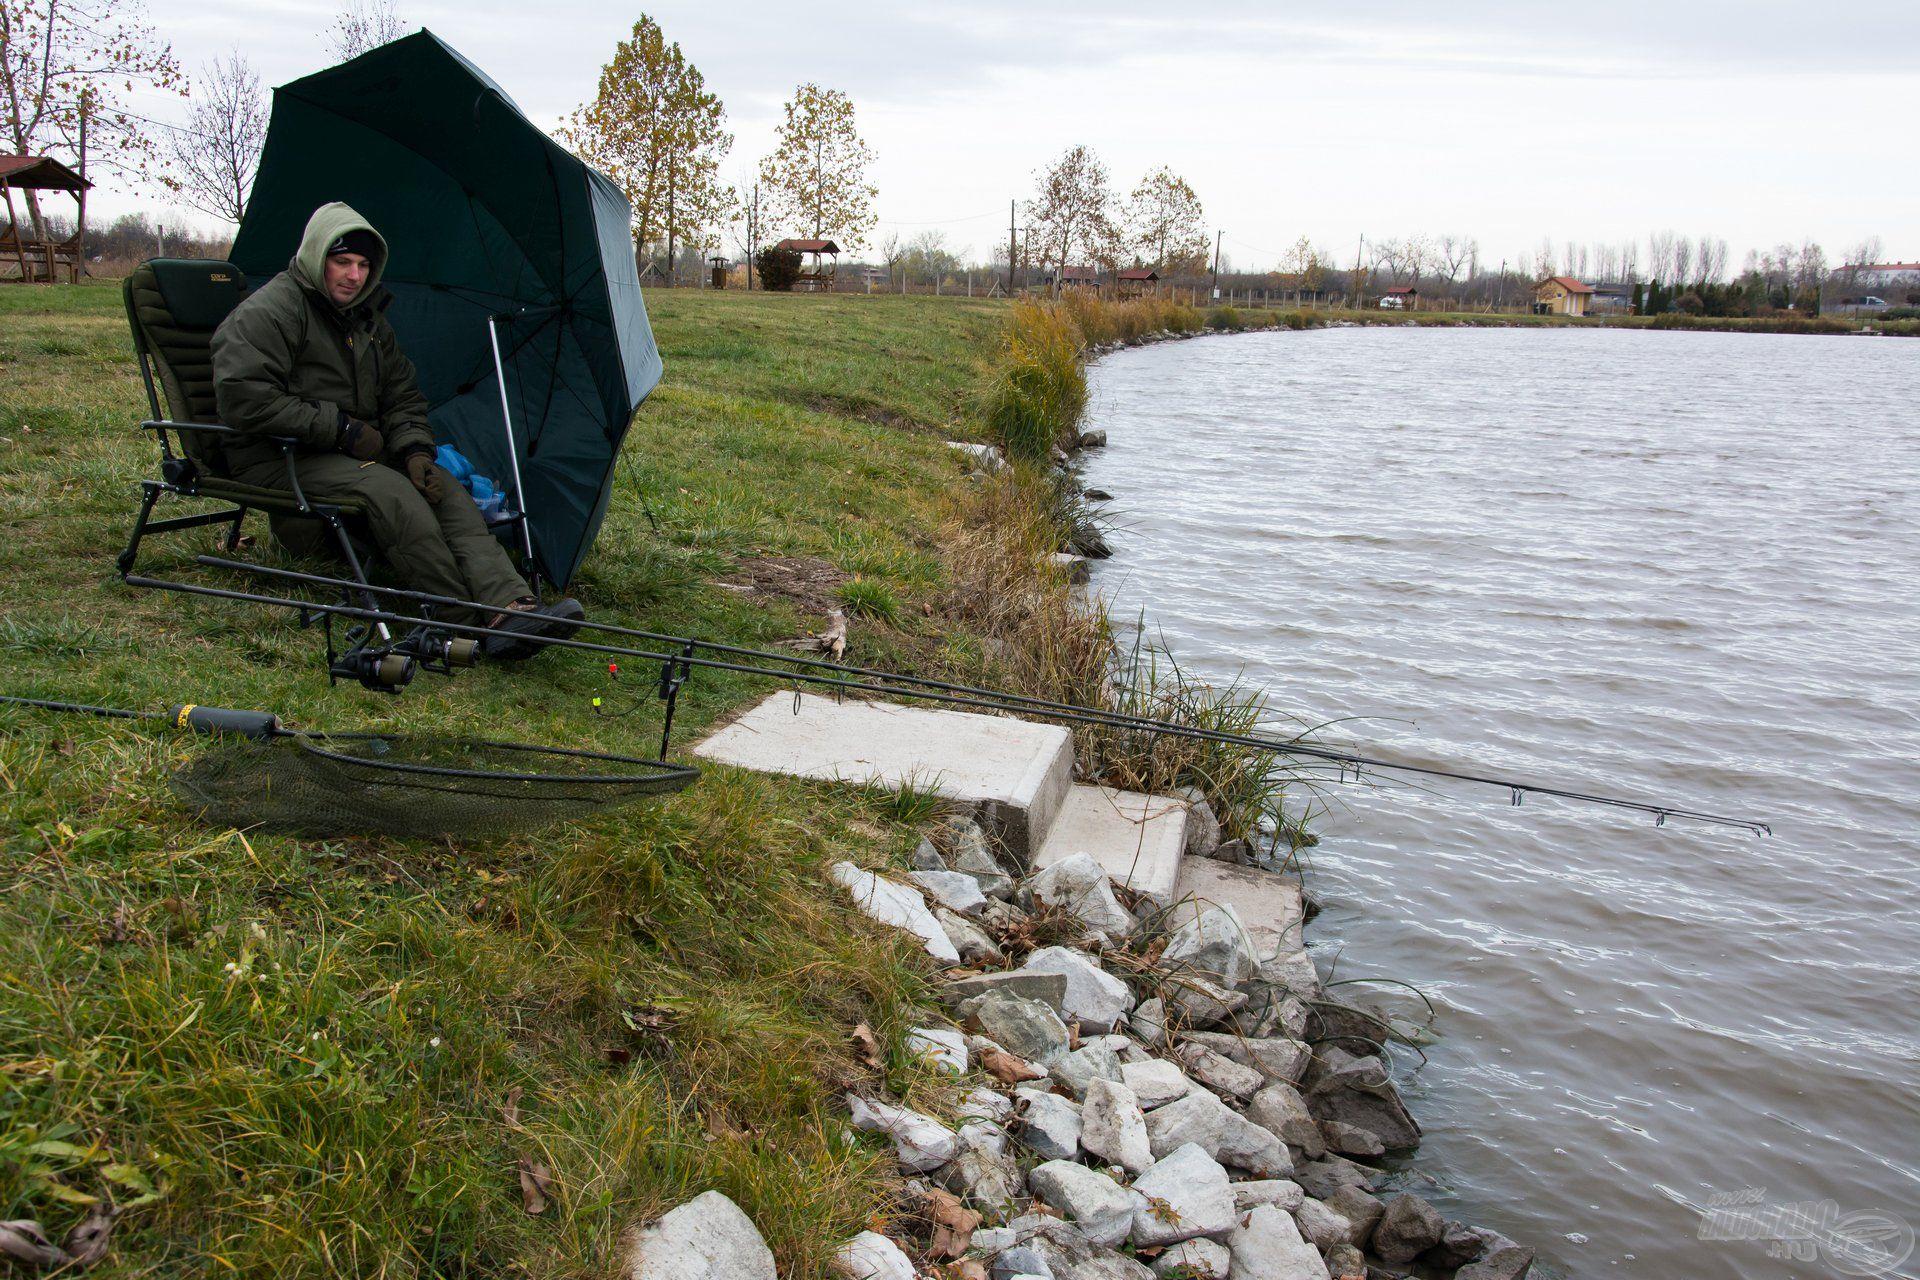 Az ilyen gyors horgászatokhoz minimális mennyiségű felszerelést viszek magammal